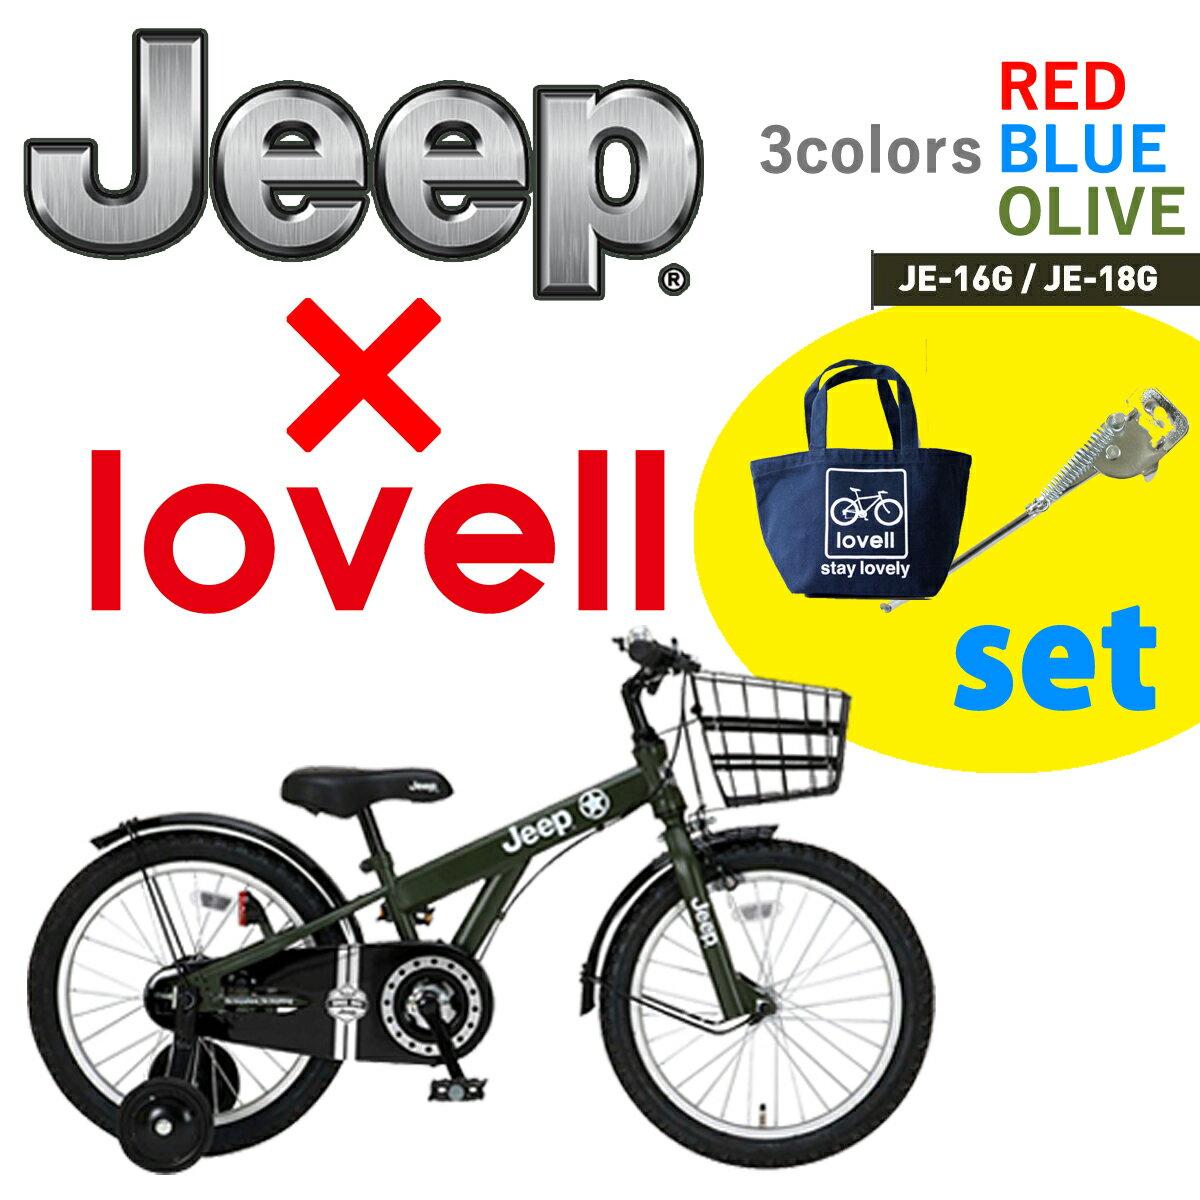 Jeep ジープ マウンテンバイク 子供用自転車 16インチ 18インチ 2017モデル ランチバッグ スタンドセット